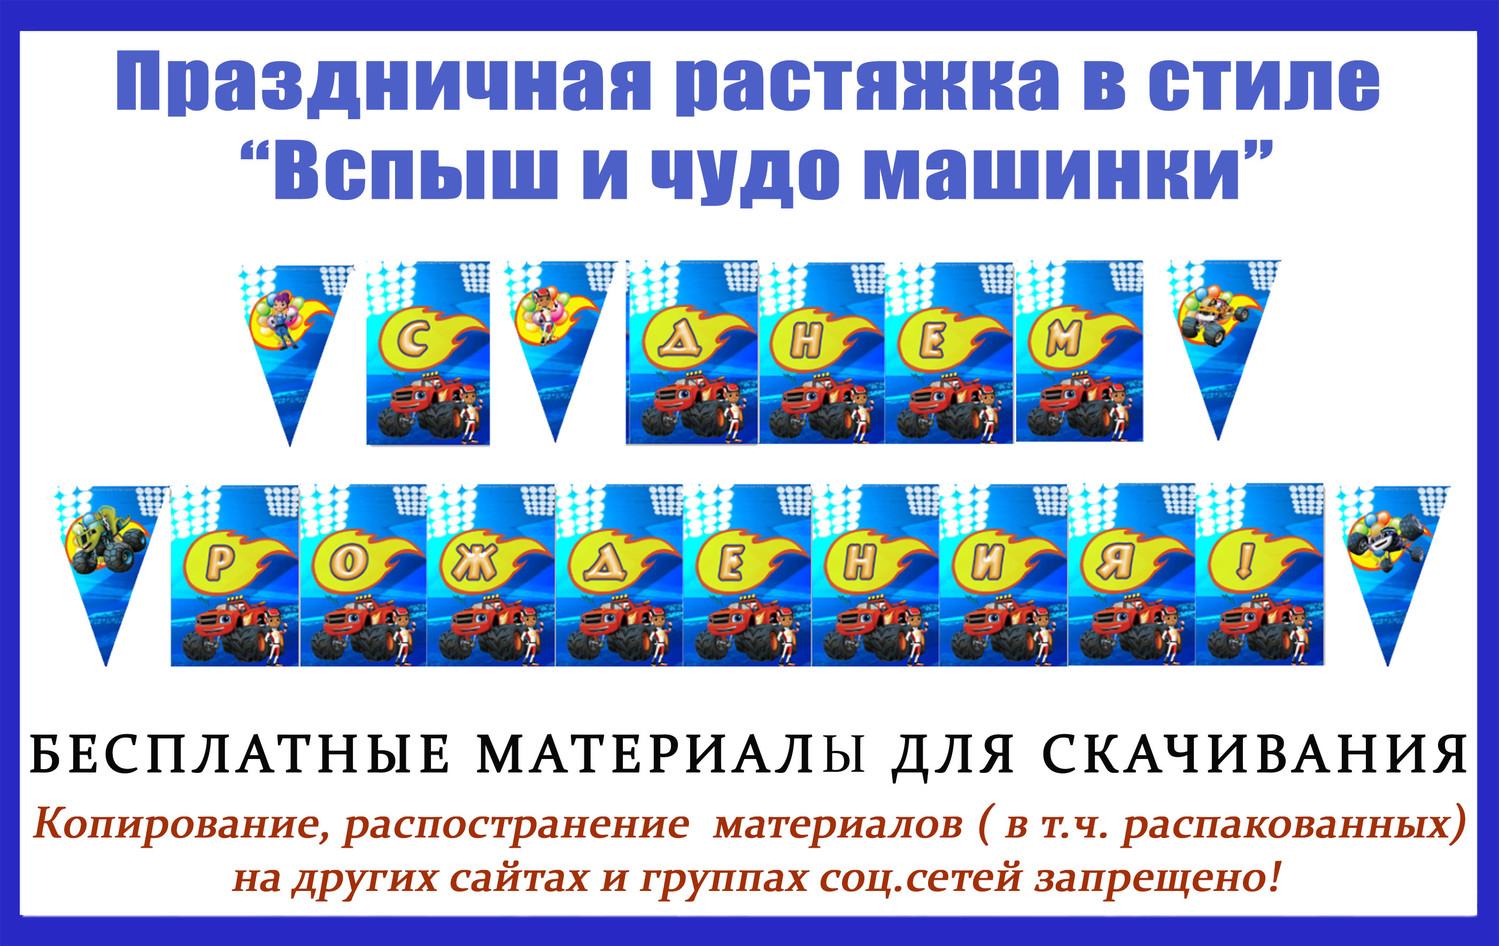 Растяжка в стиле «Вспыш и чудо машинки» ��������: http://ustroim-prazdnik.info/publ/podgotovka_k_prazdniku/pozdravitelnye_rastjazhki/rastjazhka_v_stile_vspysh_i_chudo_mashinki/60-1-0-726